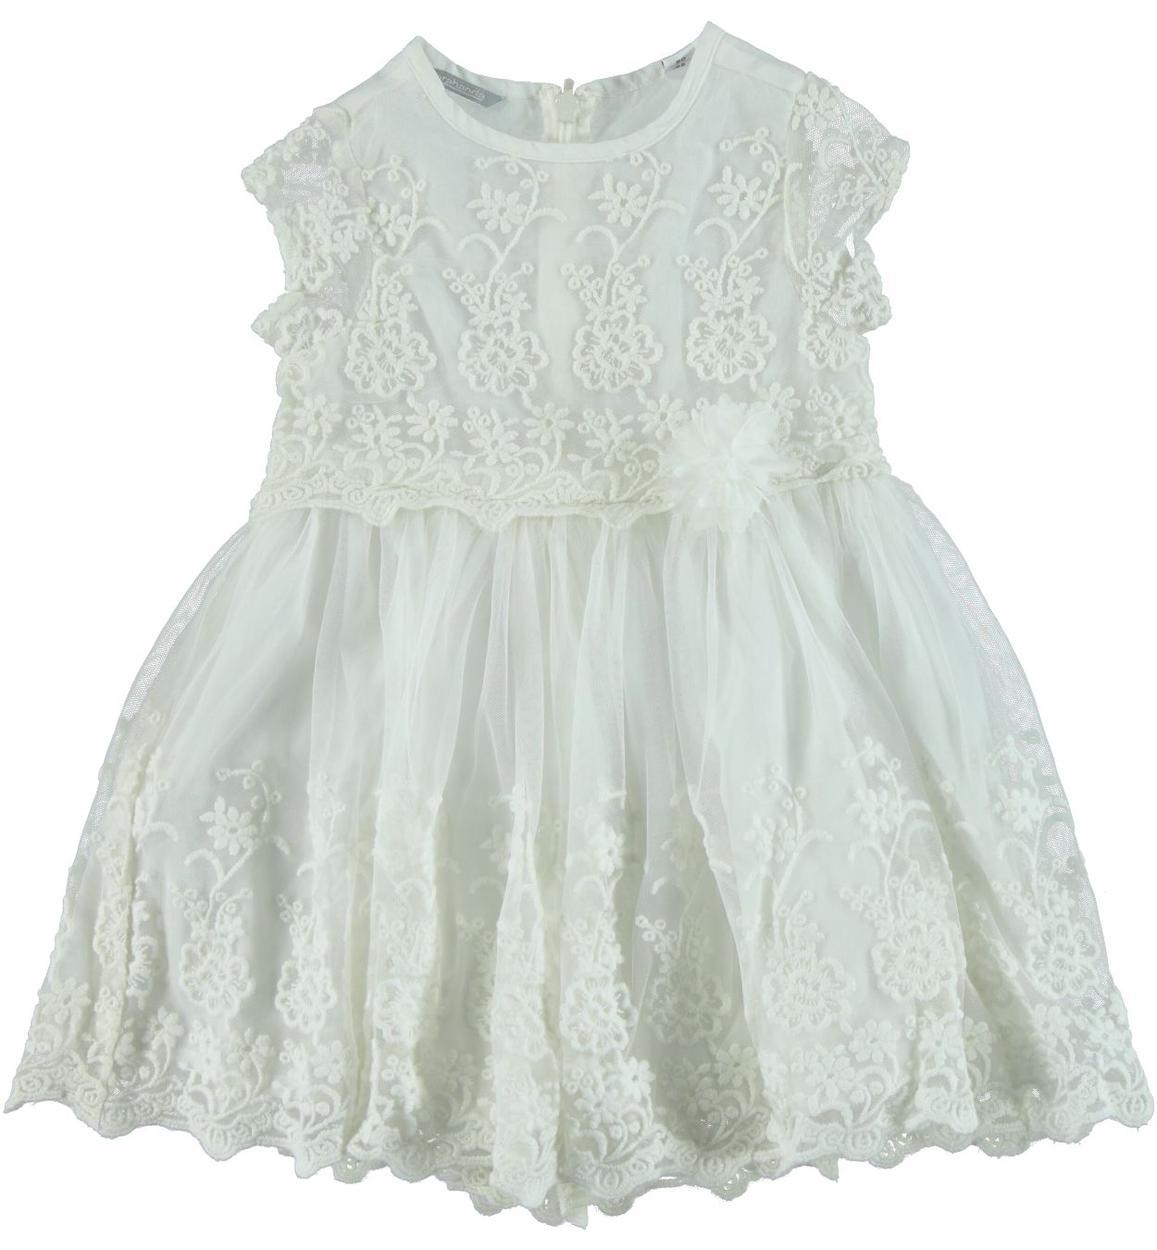 Elegante vestitino in tulle color crema ricamato con motivo floreale per  bambina da 6 mesi a 7 anni Sarabanda c0ab569deb4